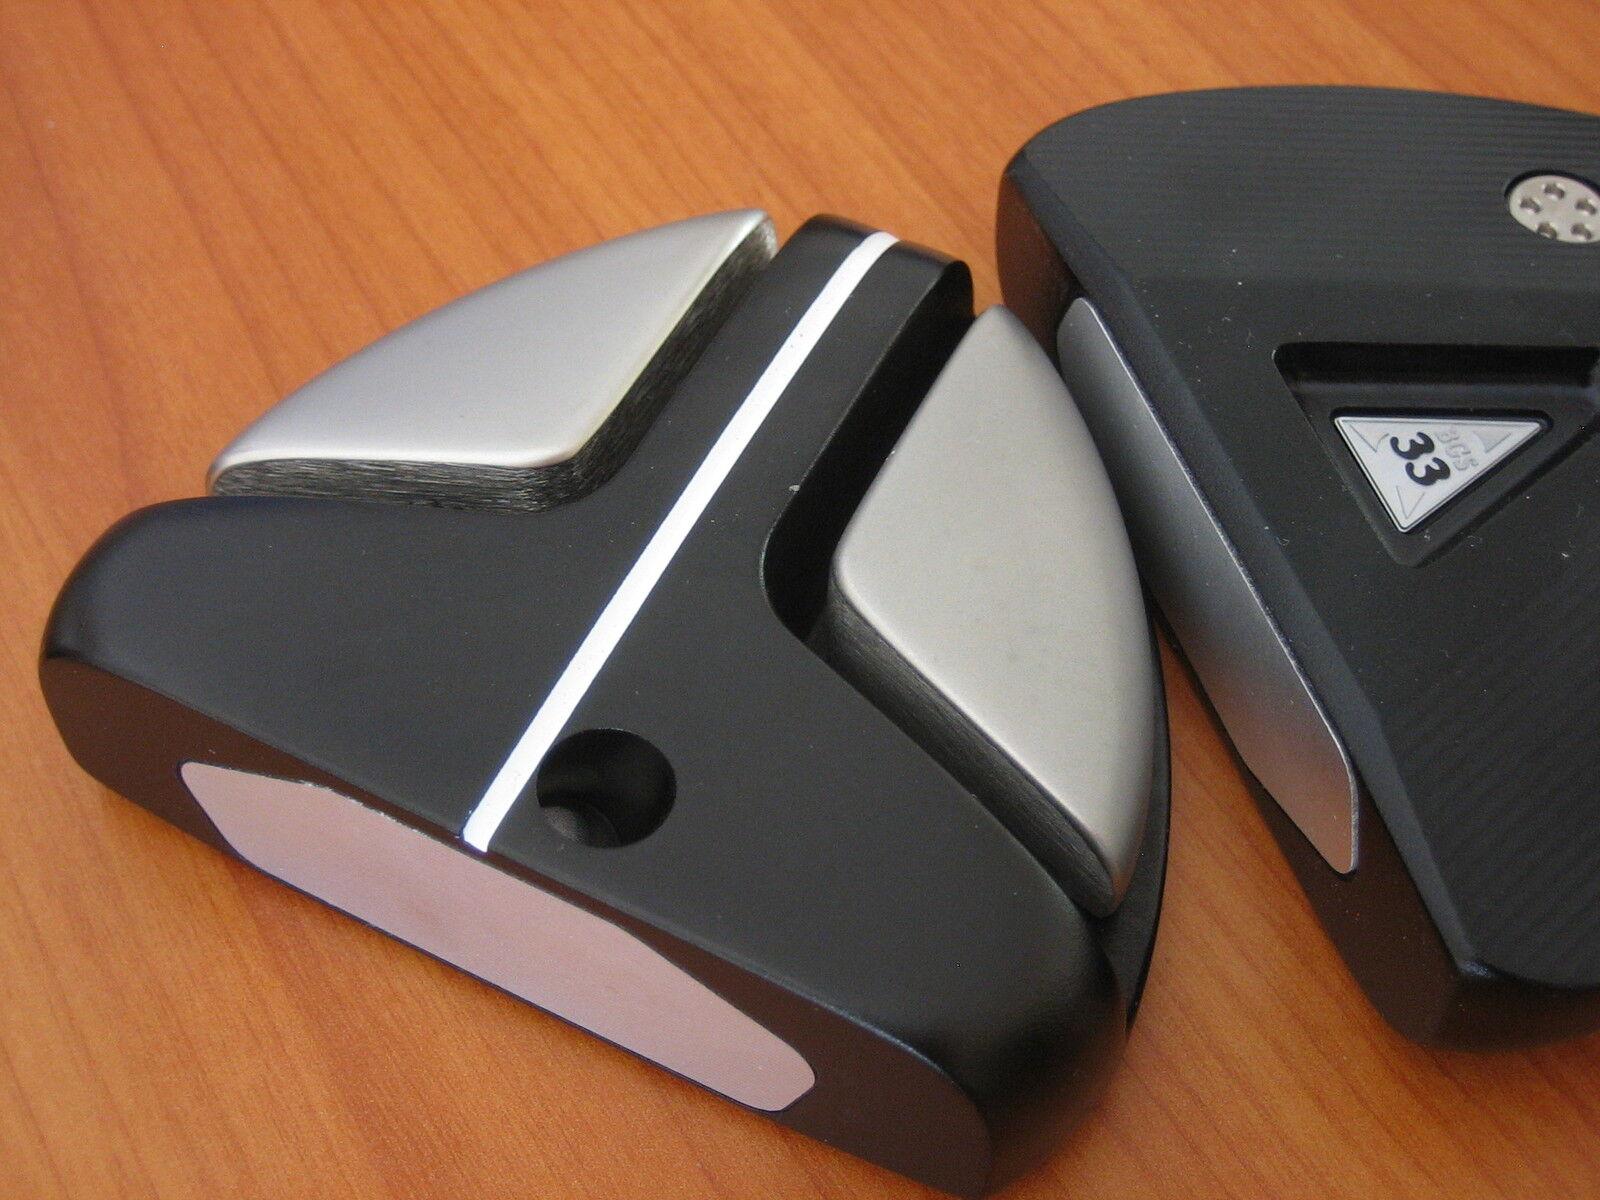 Tour Putter Cabeza BGS-33, desarrollado por Taylor  hizo Eje De Centro De Diseñador, nuevo  tienda en linea